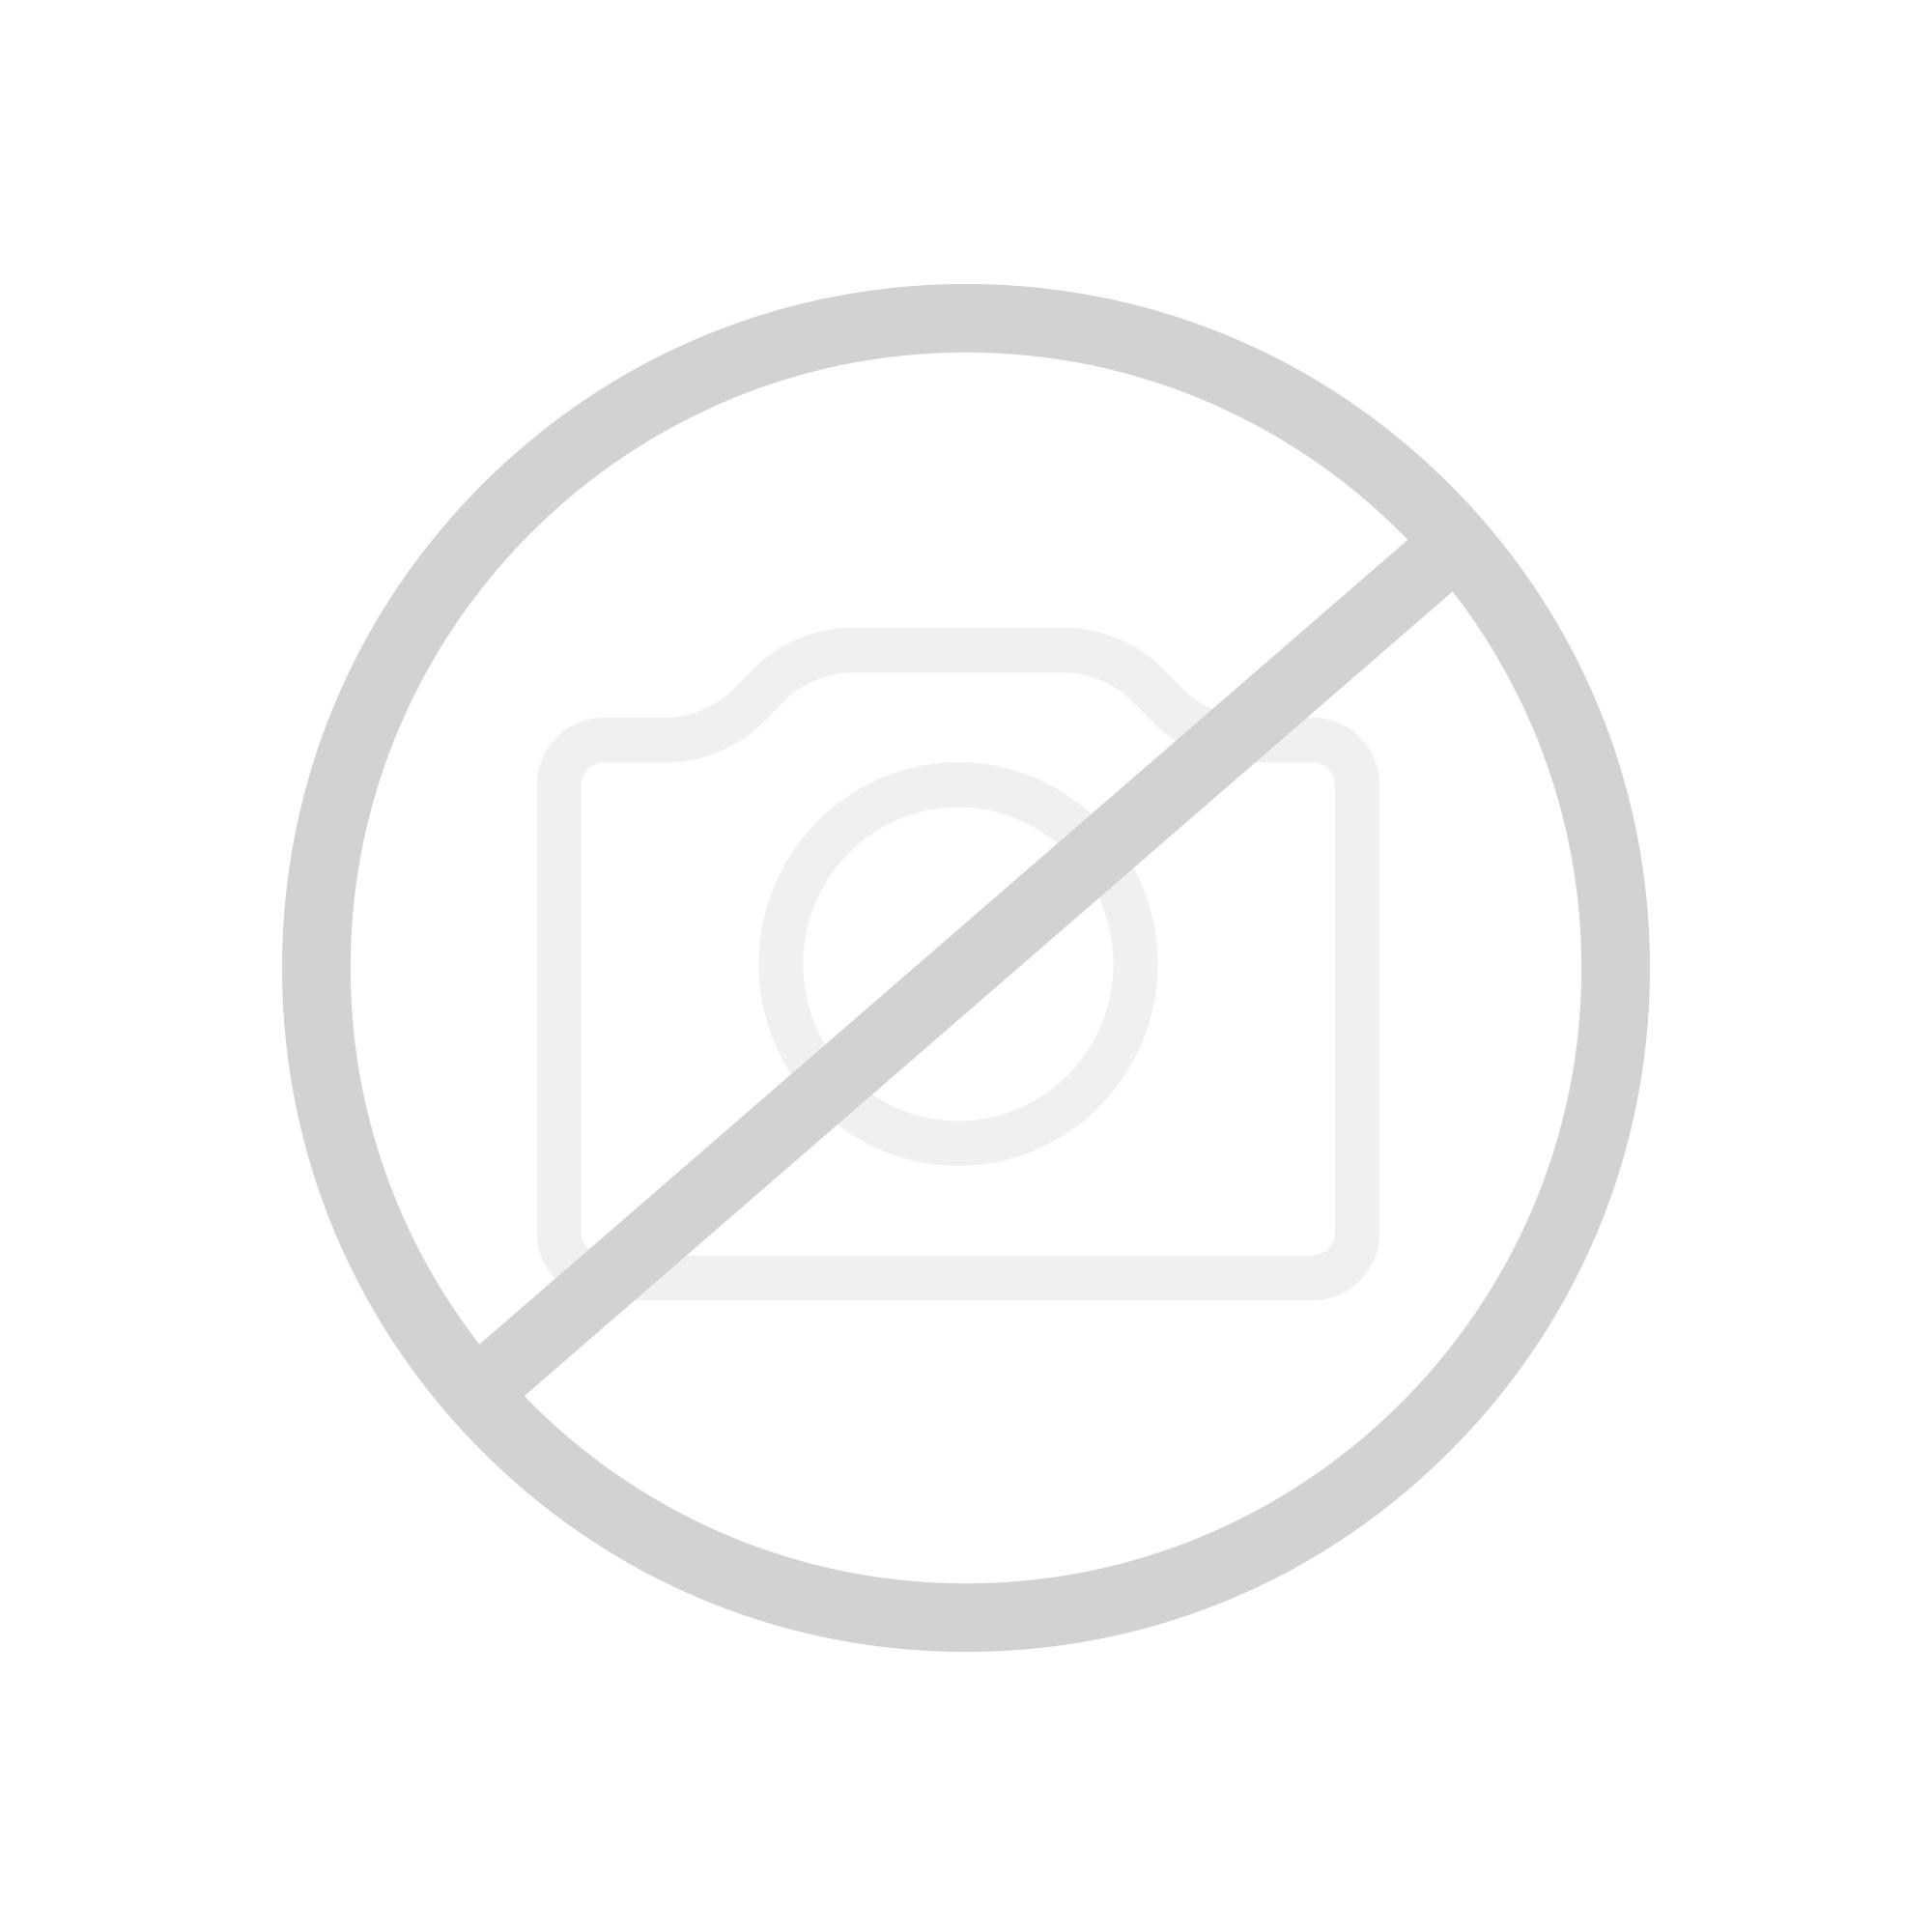 Ideal Standard Eurovit Standflachspülklosett Abgang innen senkrecht